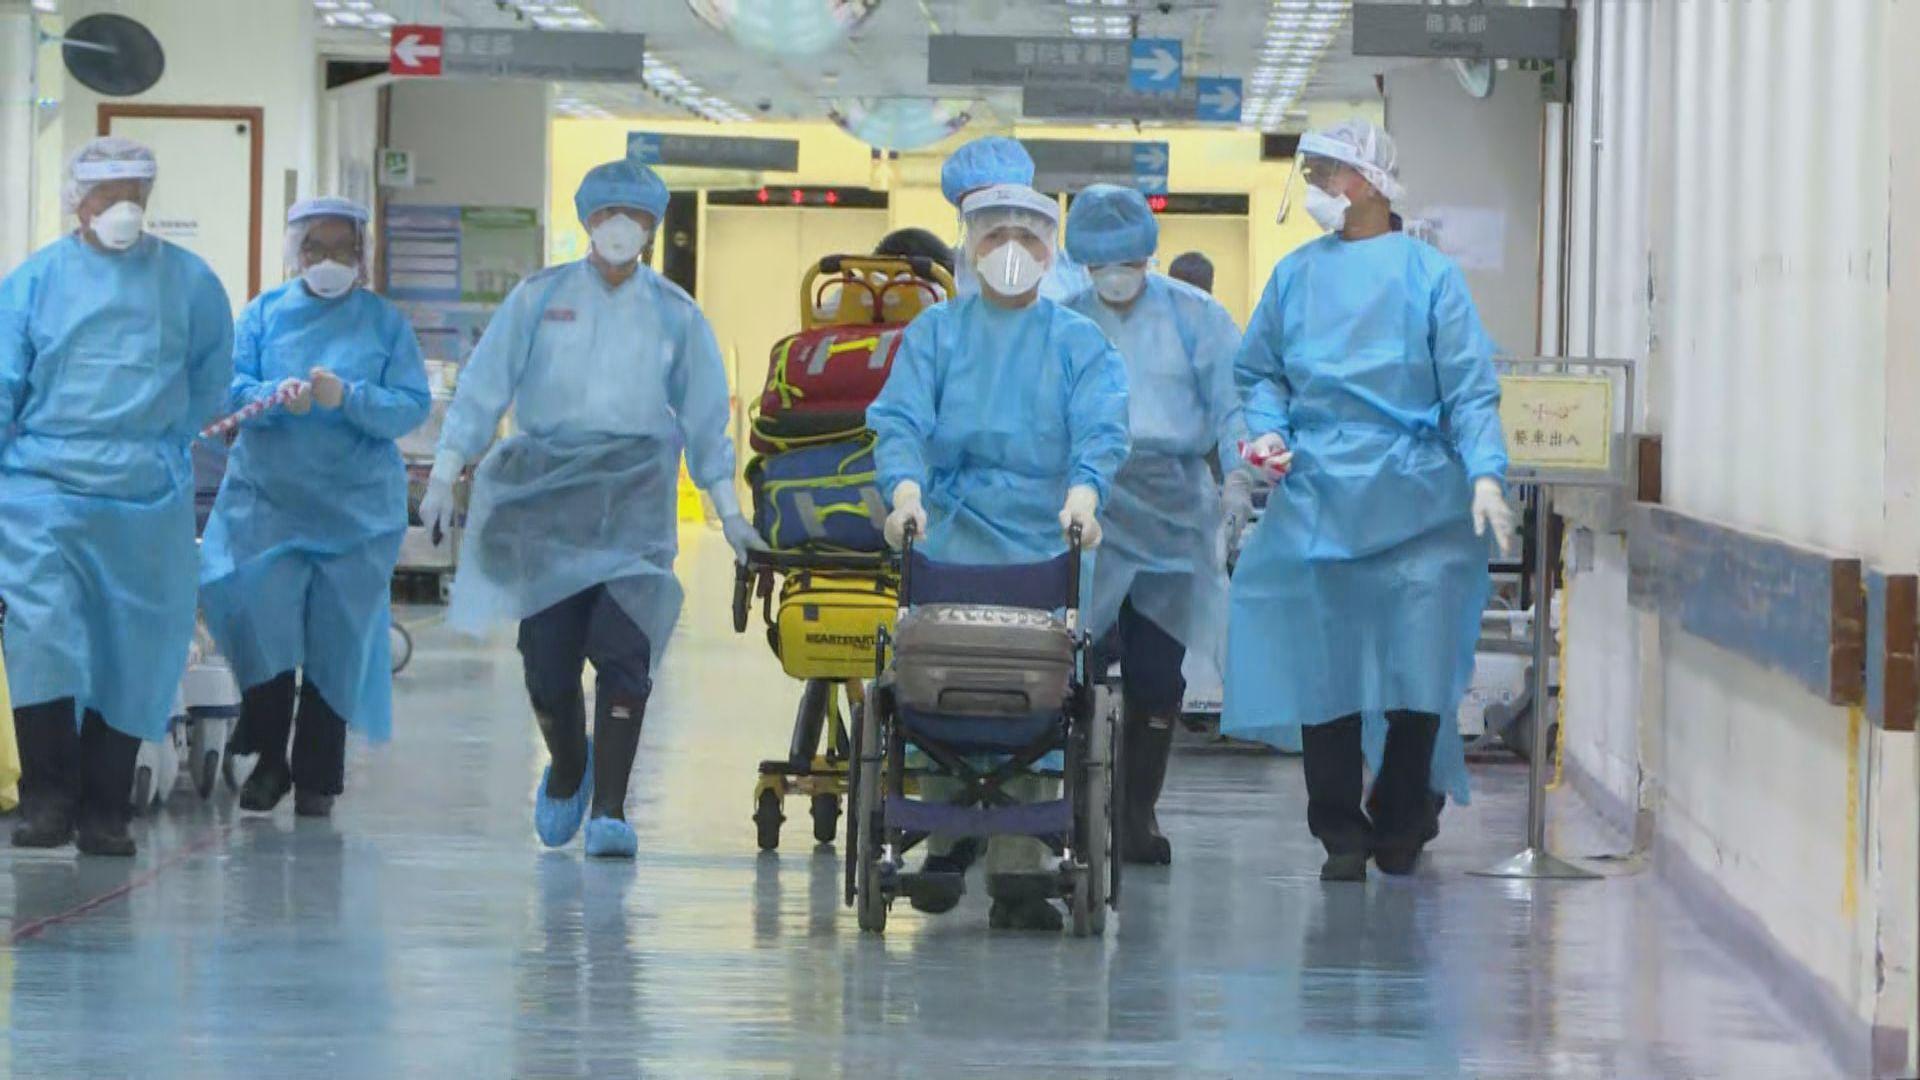 本港新型冠狀病毒確診個案數目增至八宗